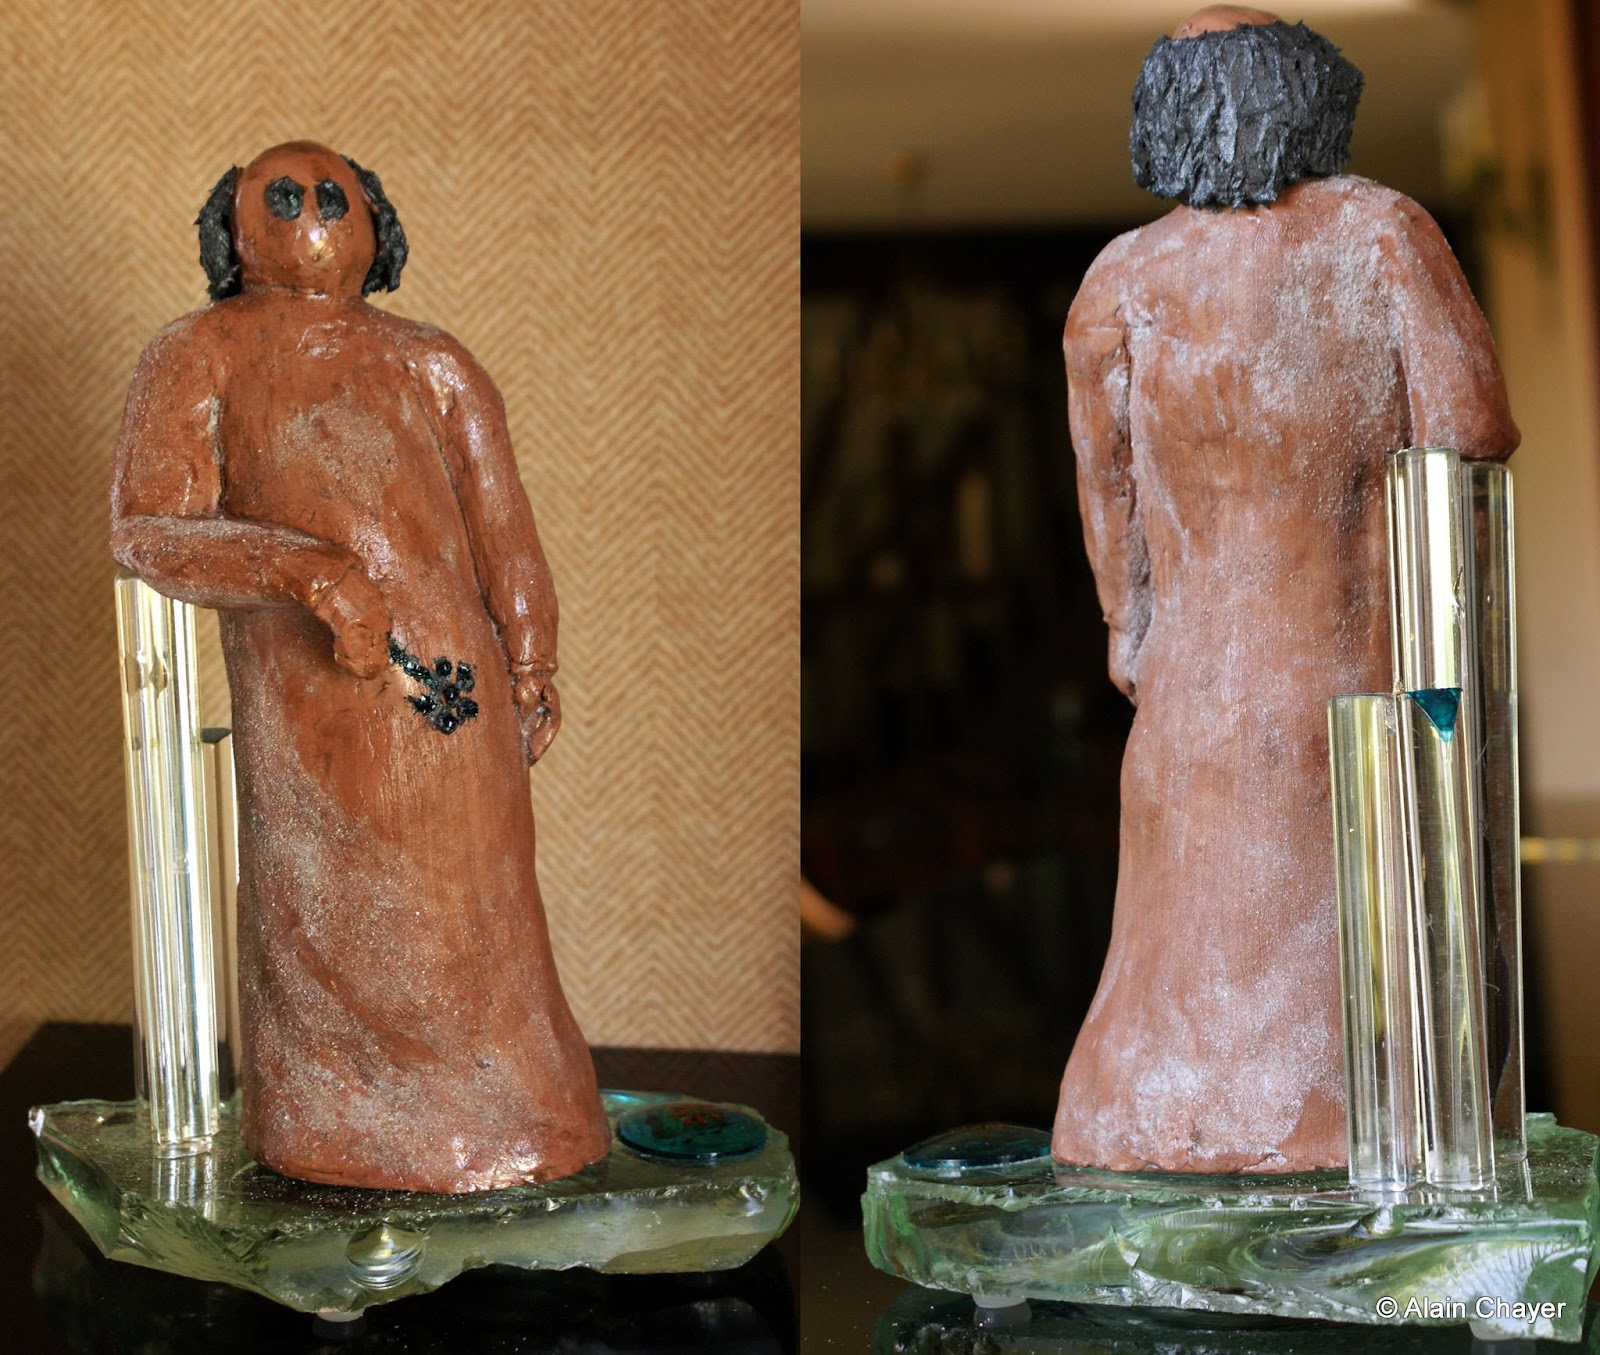 238 - Oui - 2012 - Terre durcie, 3 colonnes cristal, socle en verre - H 25 cm